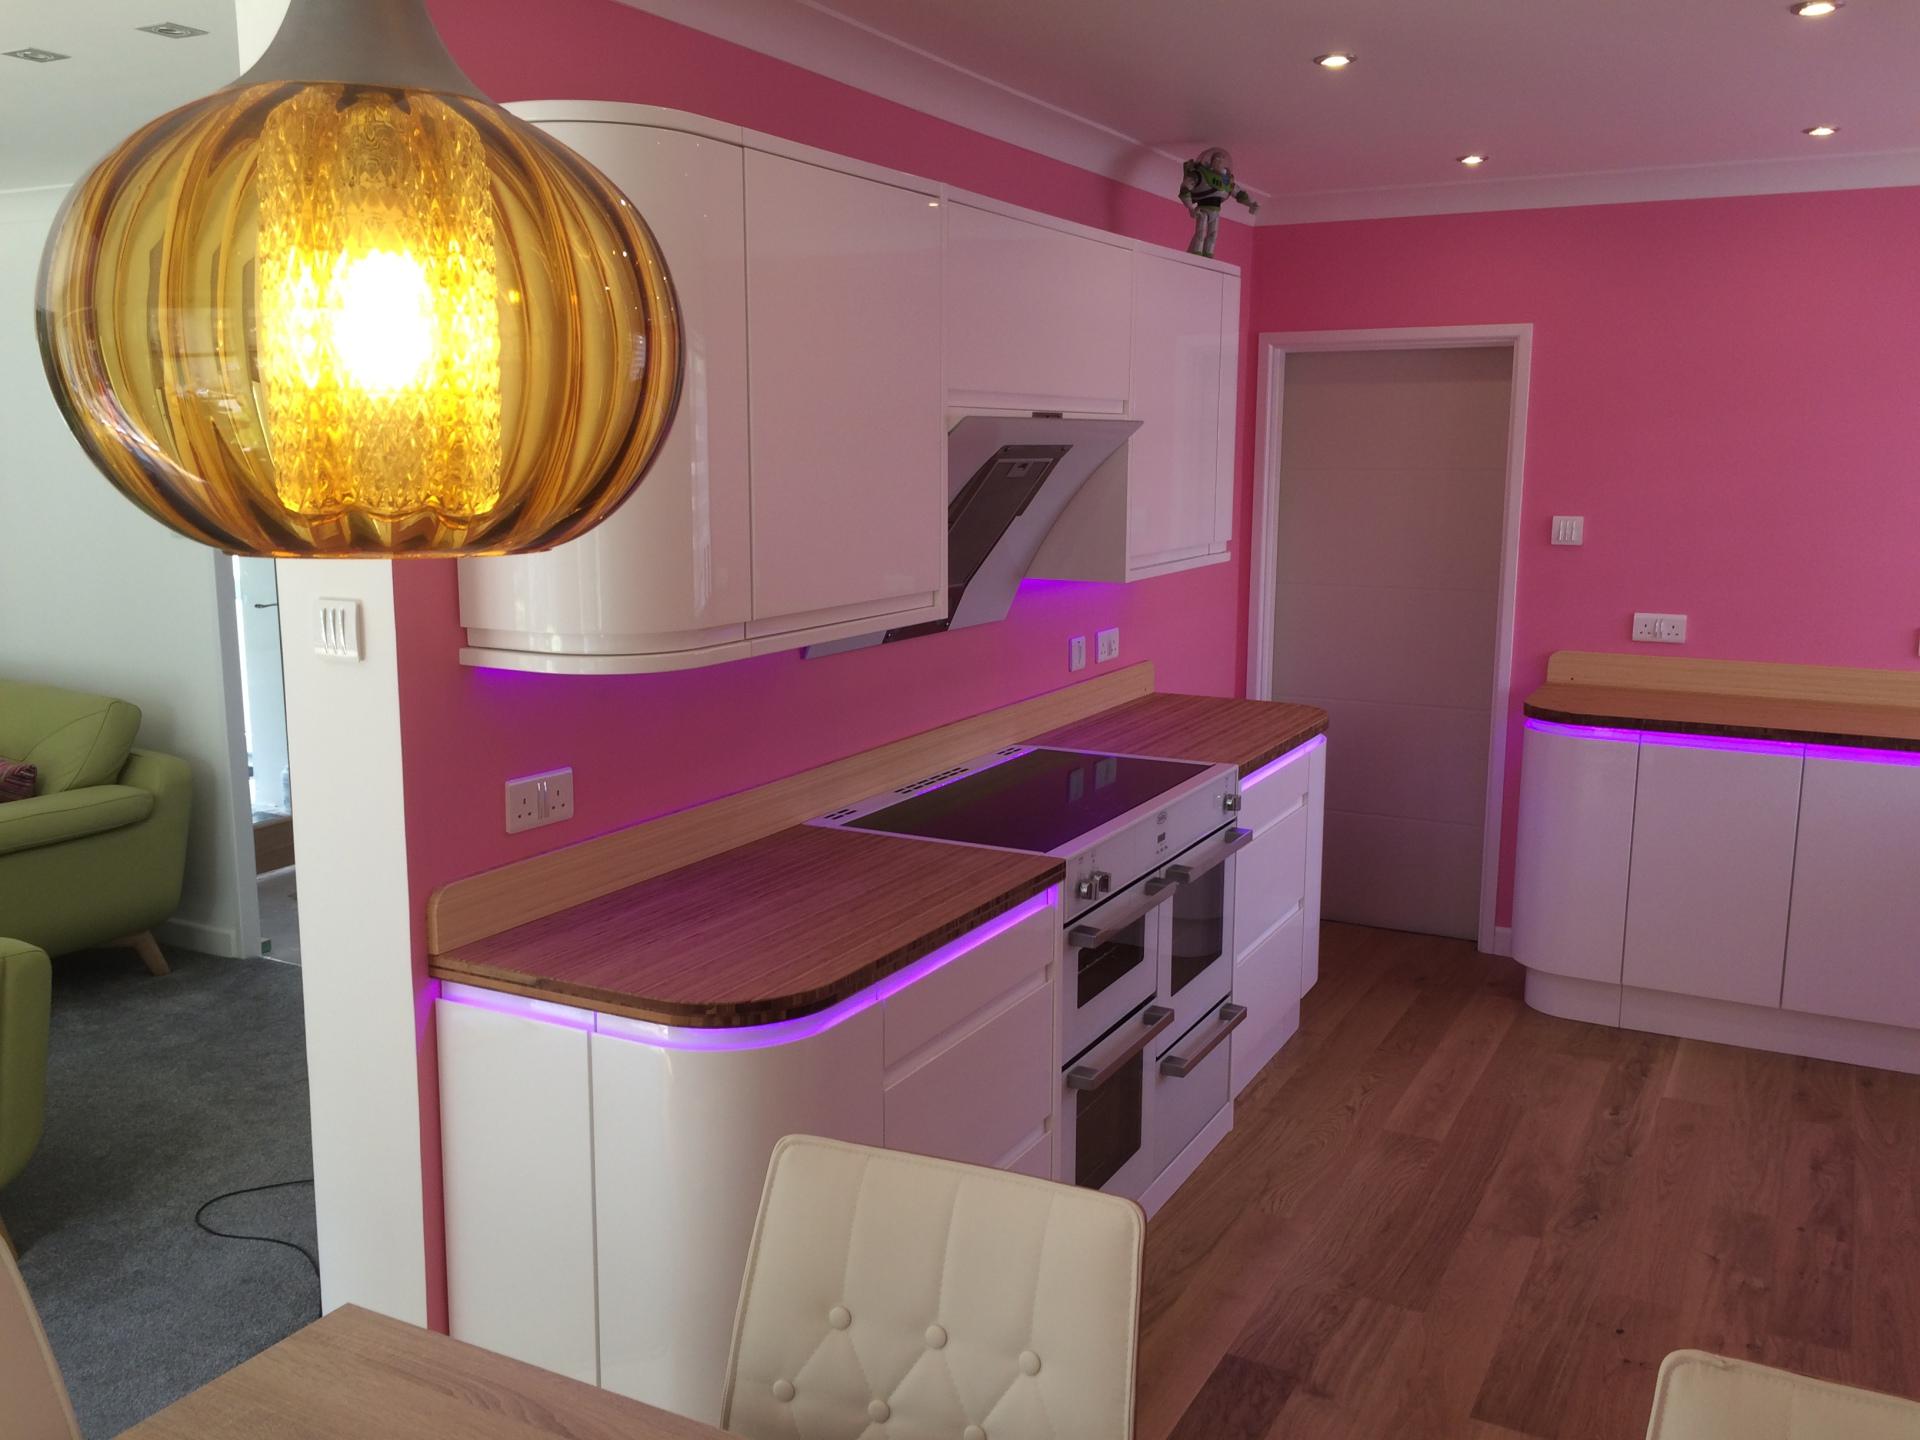 Curvy pink kitchen & retro 60's lights